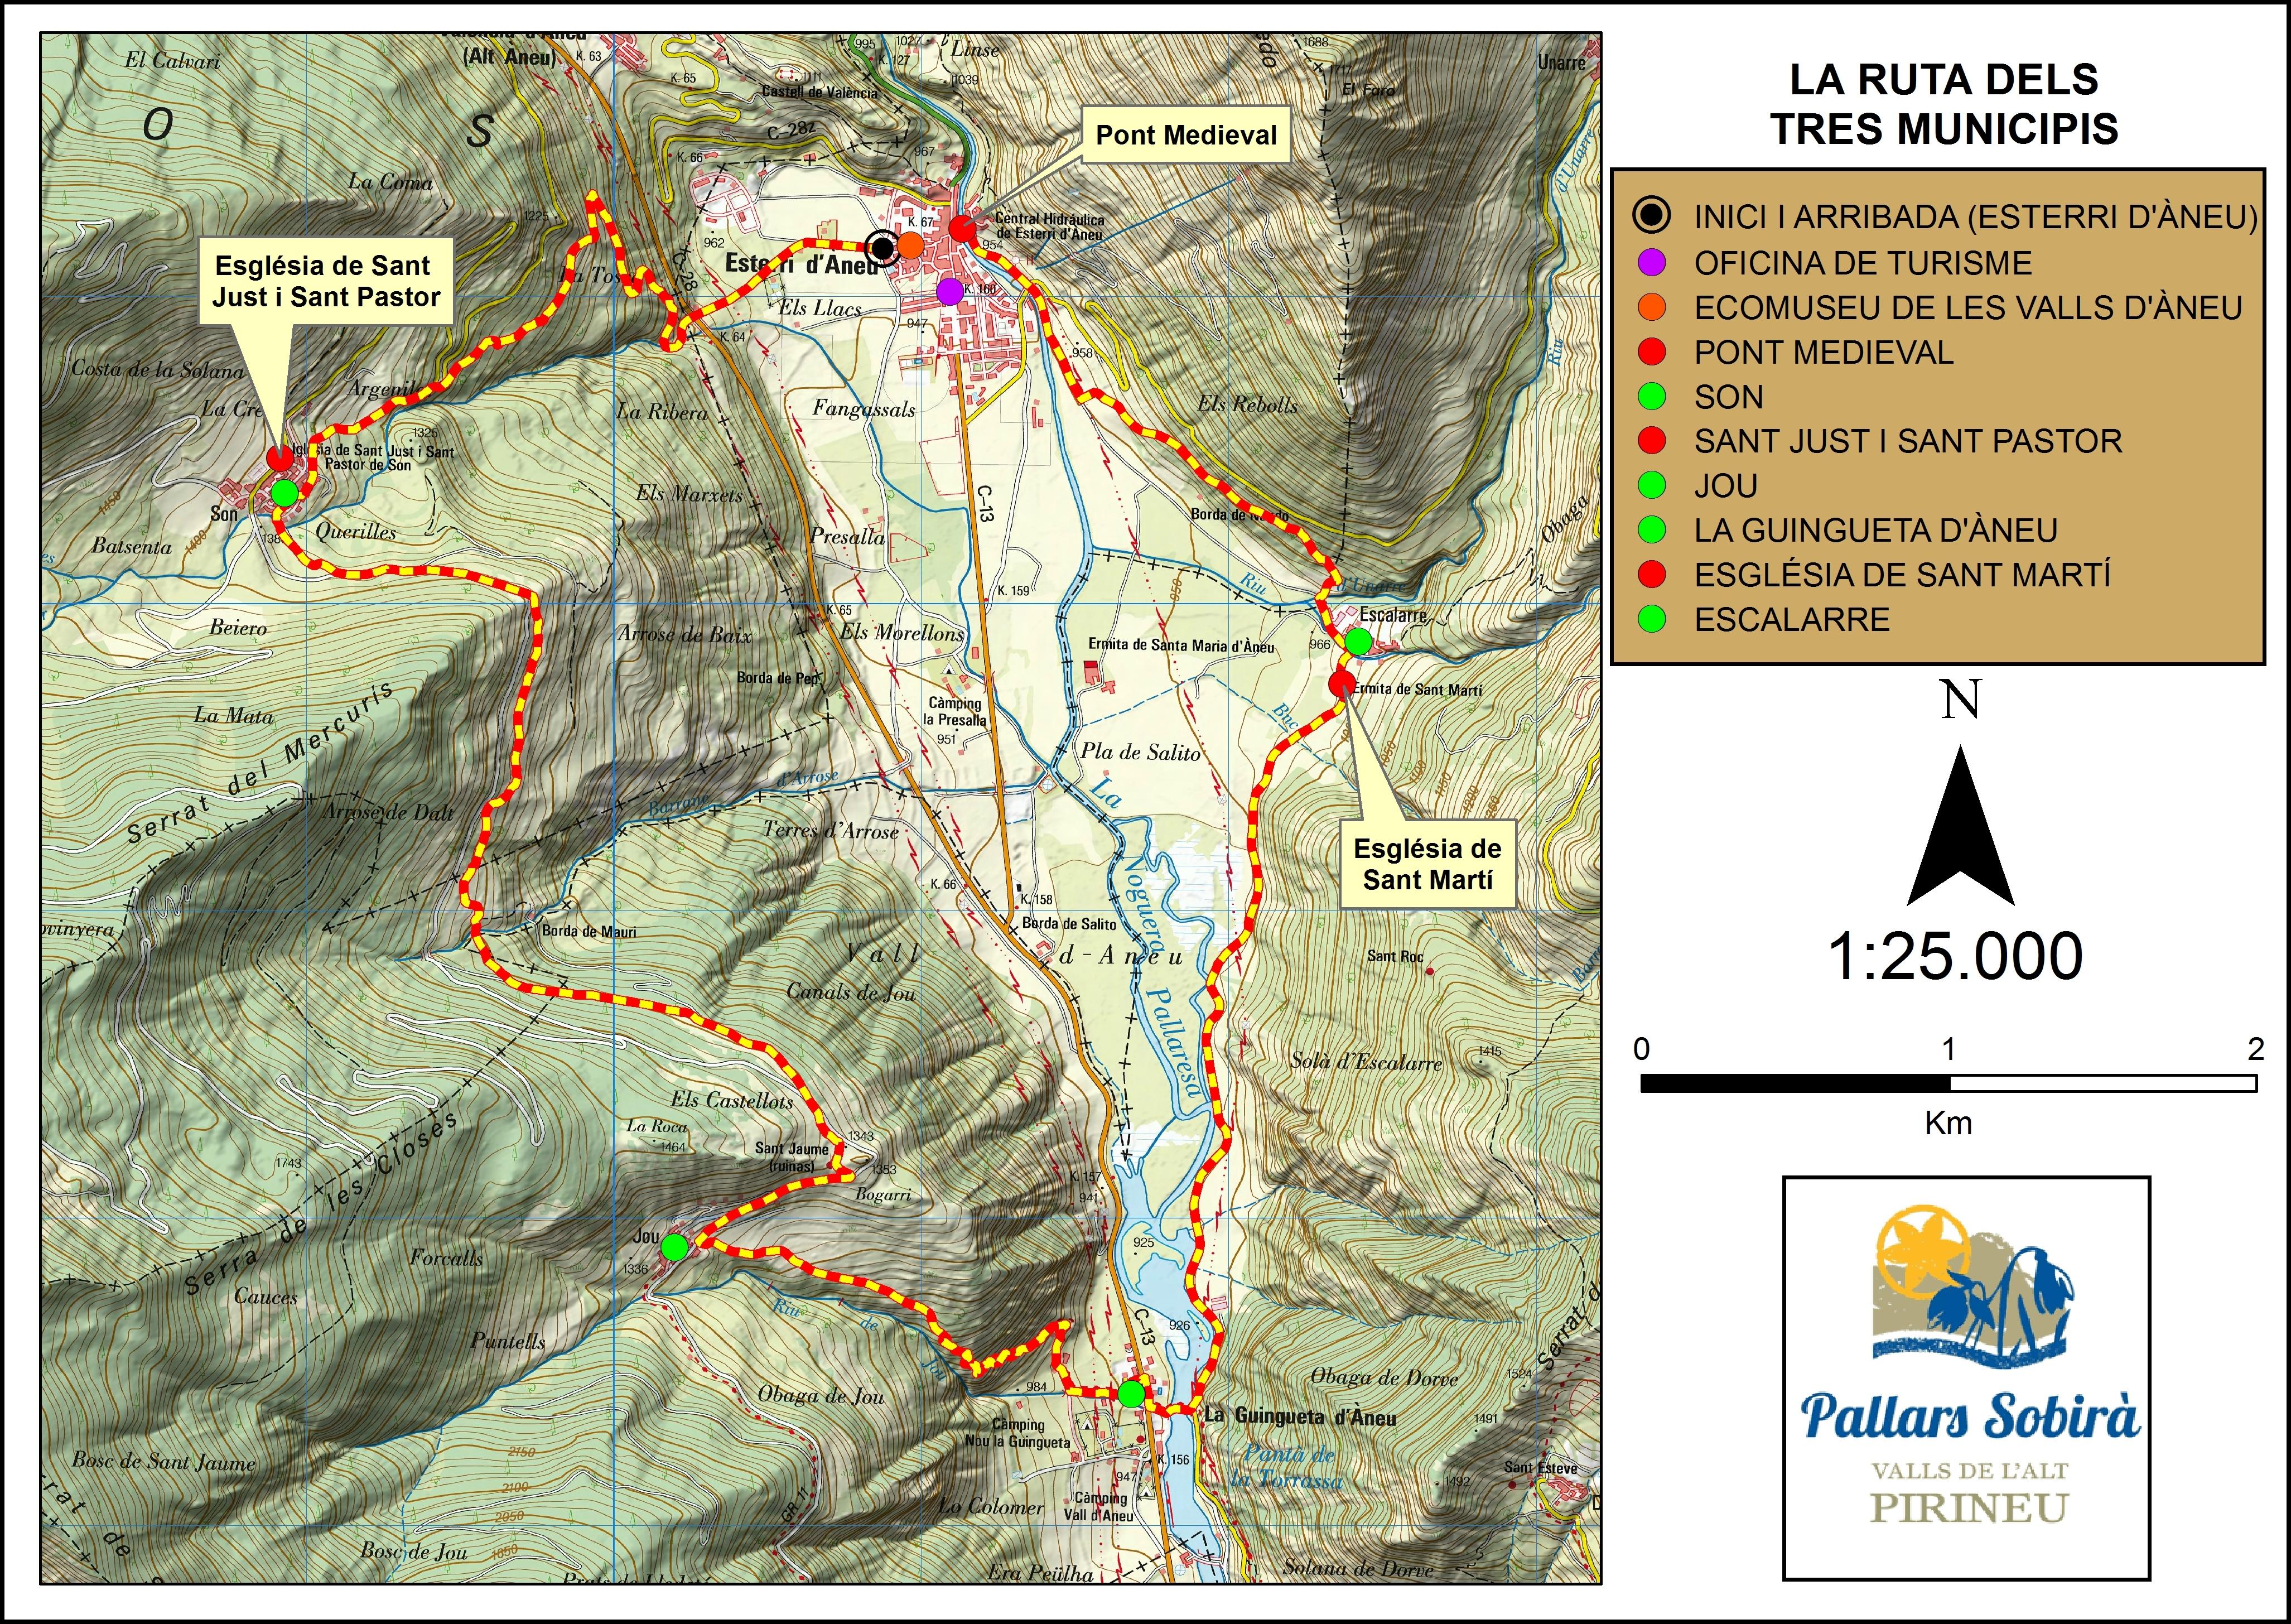 La_ruta_dels_tres_municipis